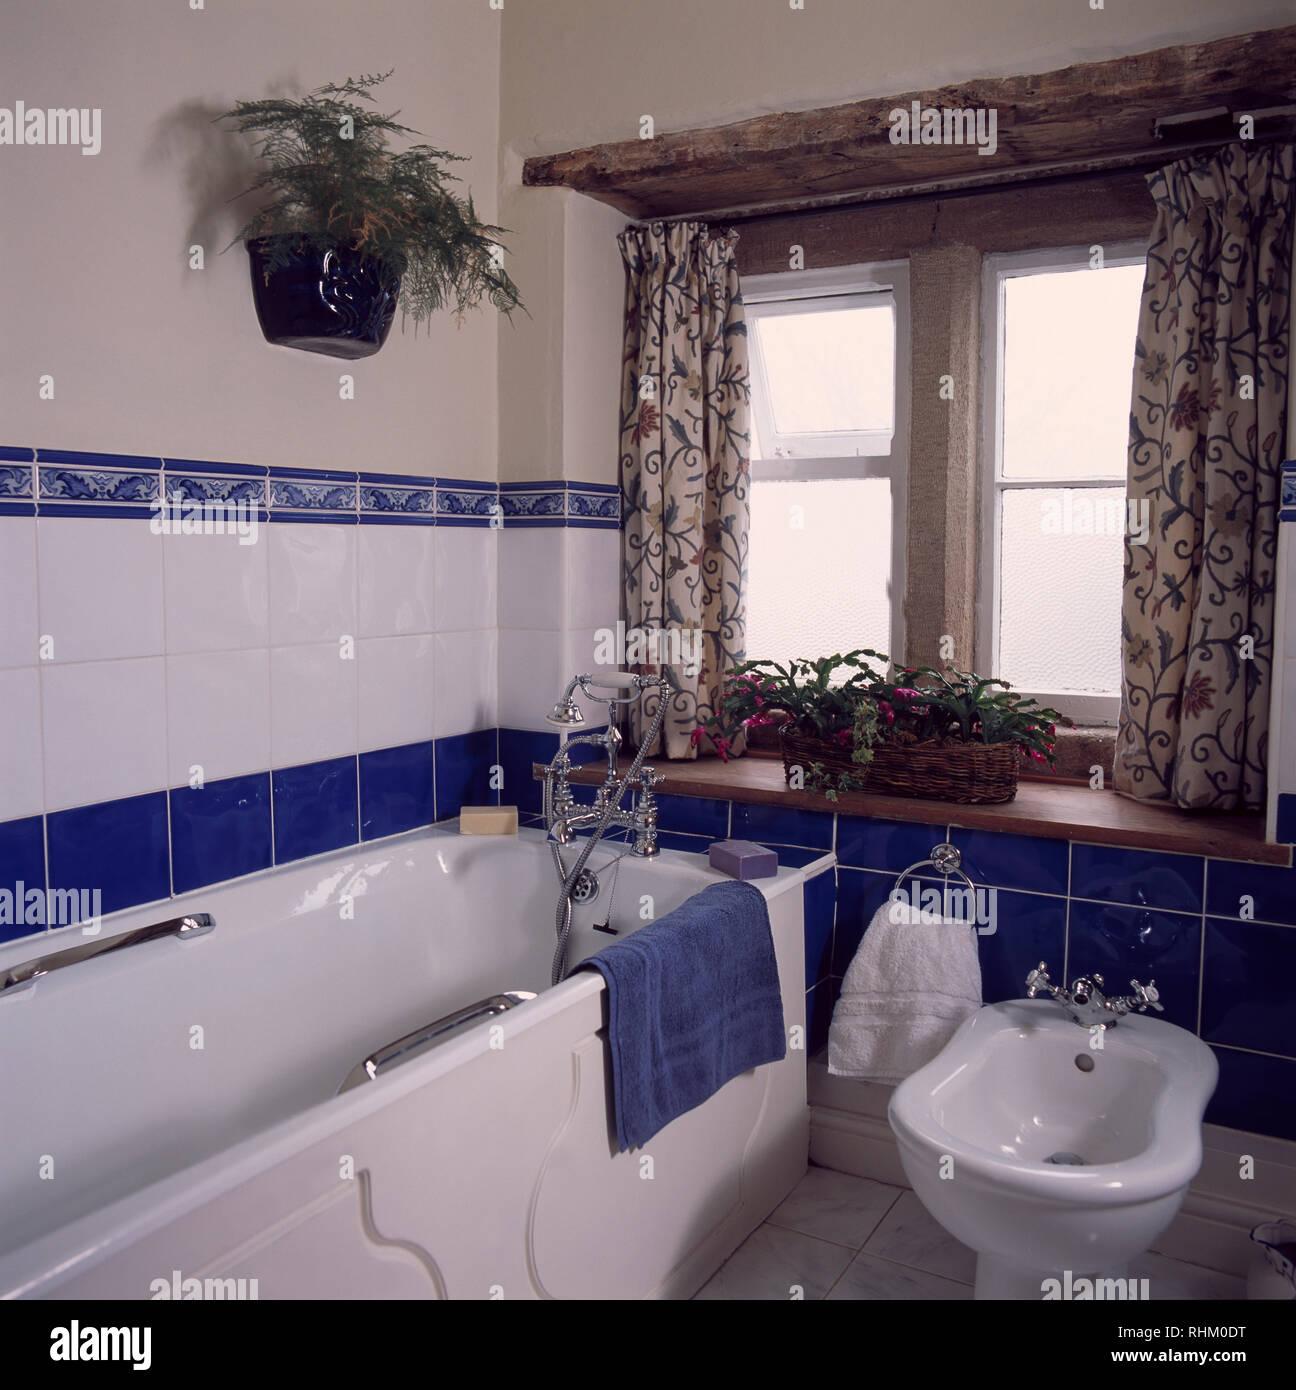 Bidet Baignoire A Cote De Cottage Salle De Bains Avec Carrelage Bleu Et Blanc Photo Stock Alamy